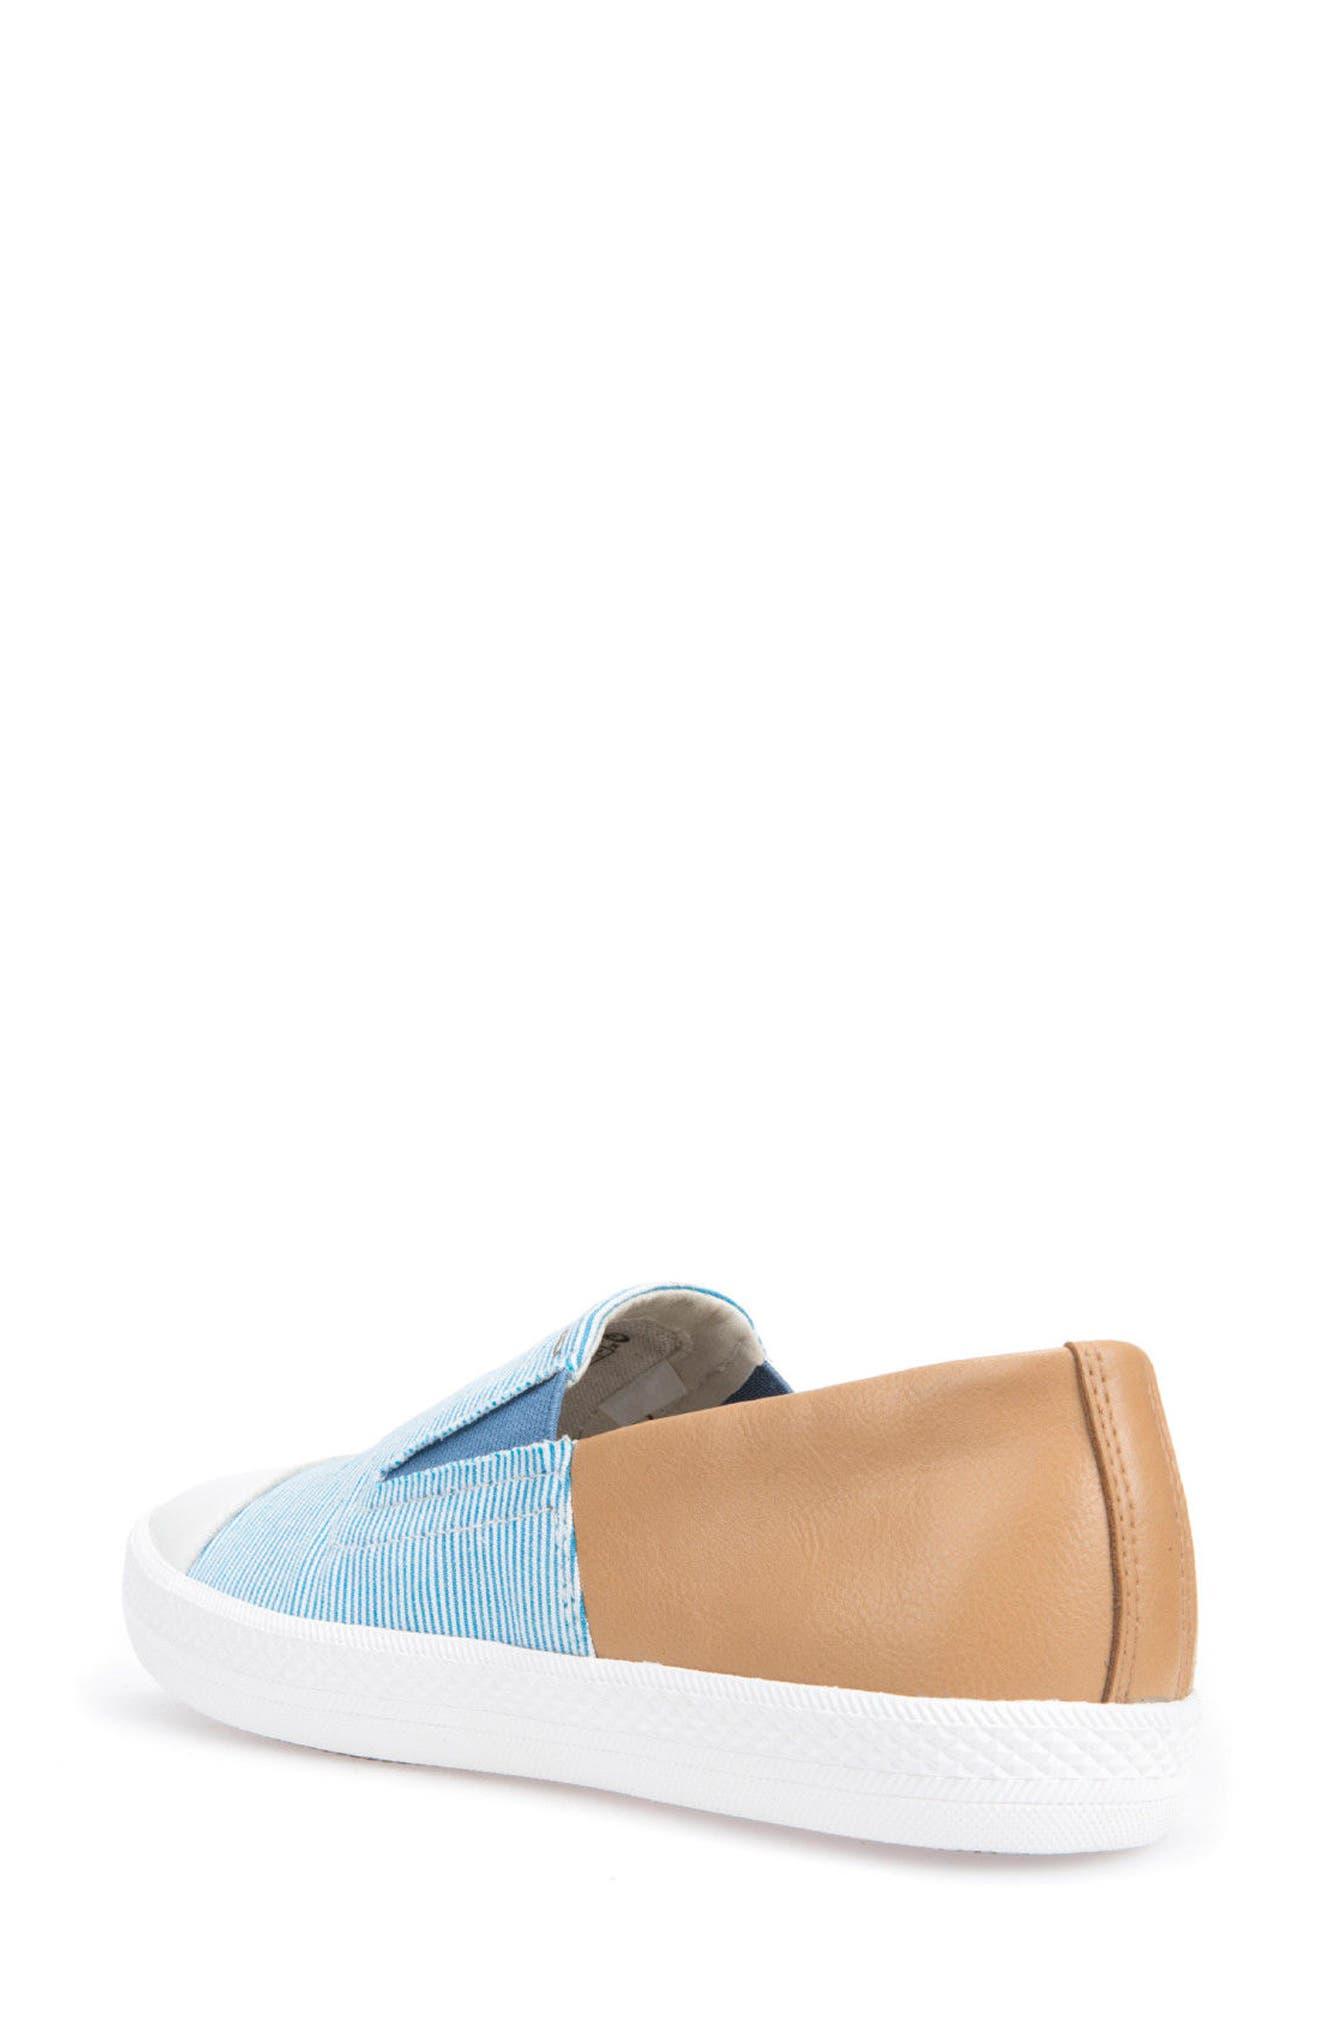 Giyo Slip-On Sneaker,                             Alternate thumbnail 2, color,                             462